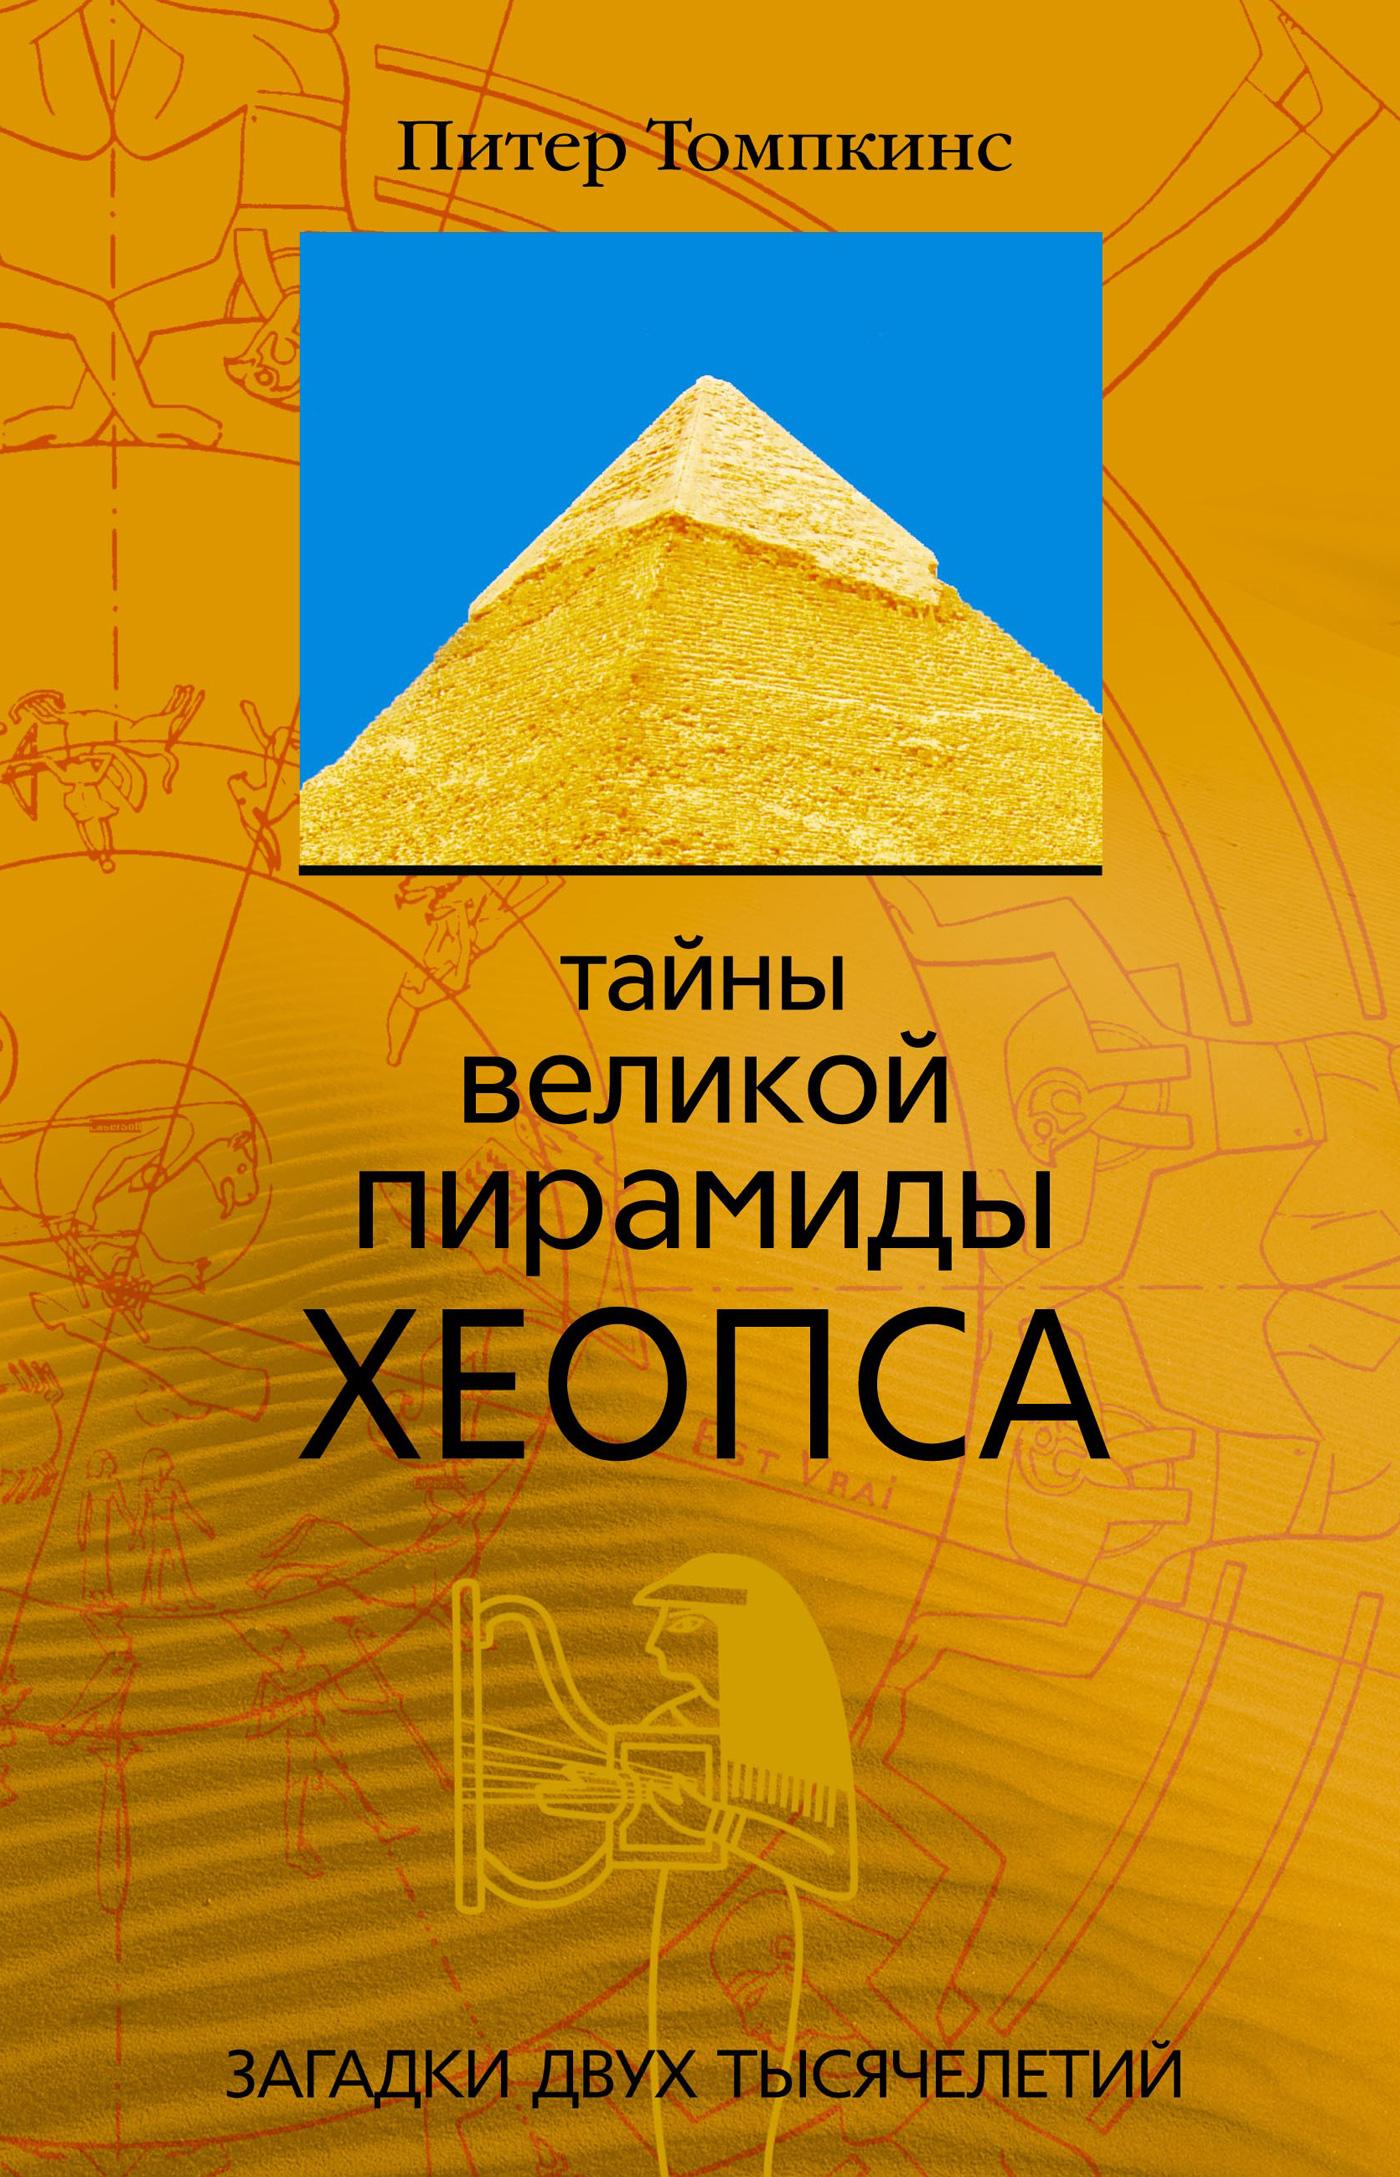 Питер Томпкинс Тайны Великой пирамиды Хеопса. Загадки двух тысячелетий цены